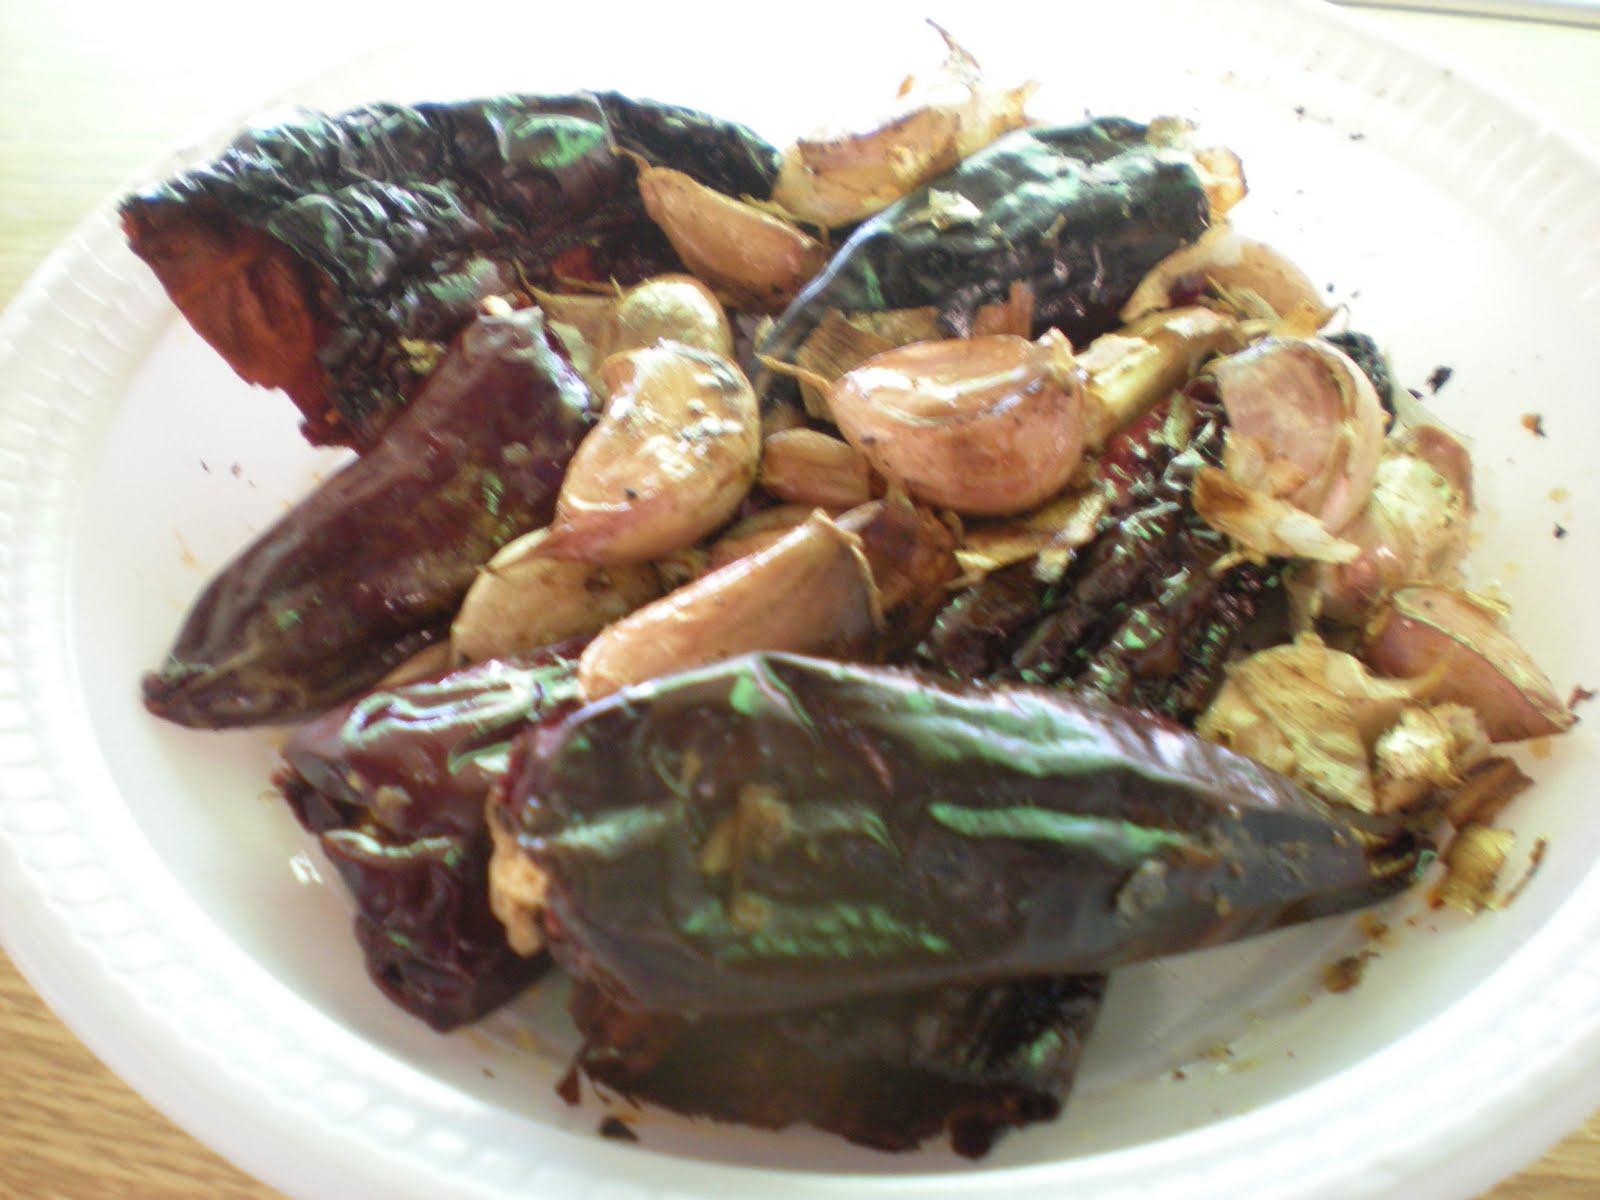 mis trucos de cocina 11 septiembre 2010